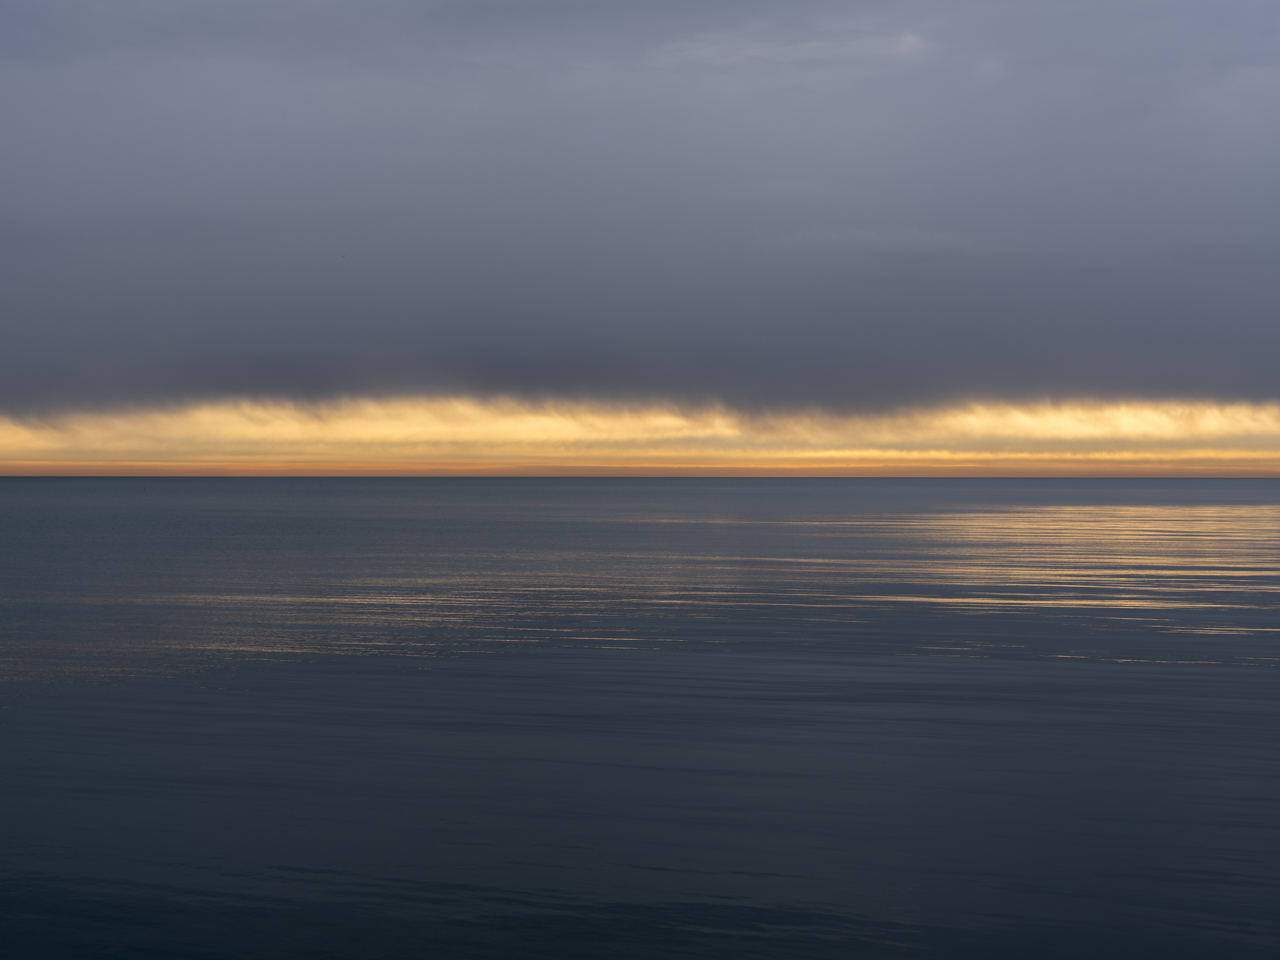 Lake Michigan, January 7th, 2020 (1)